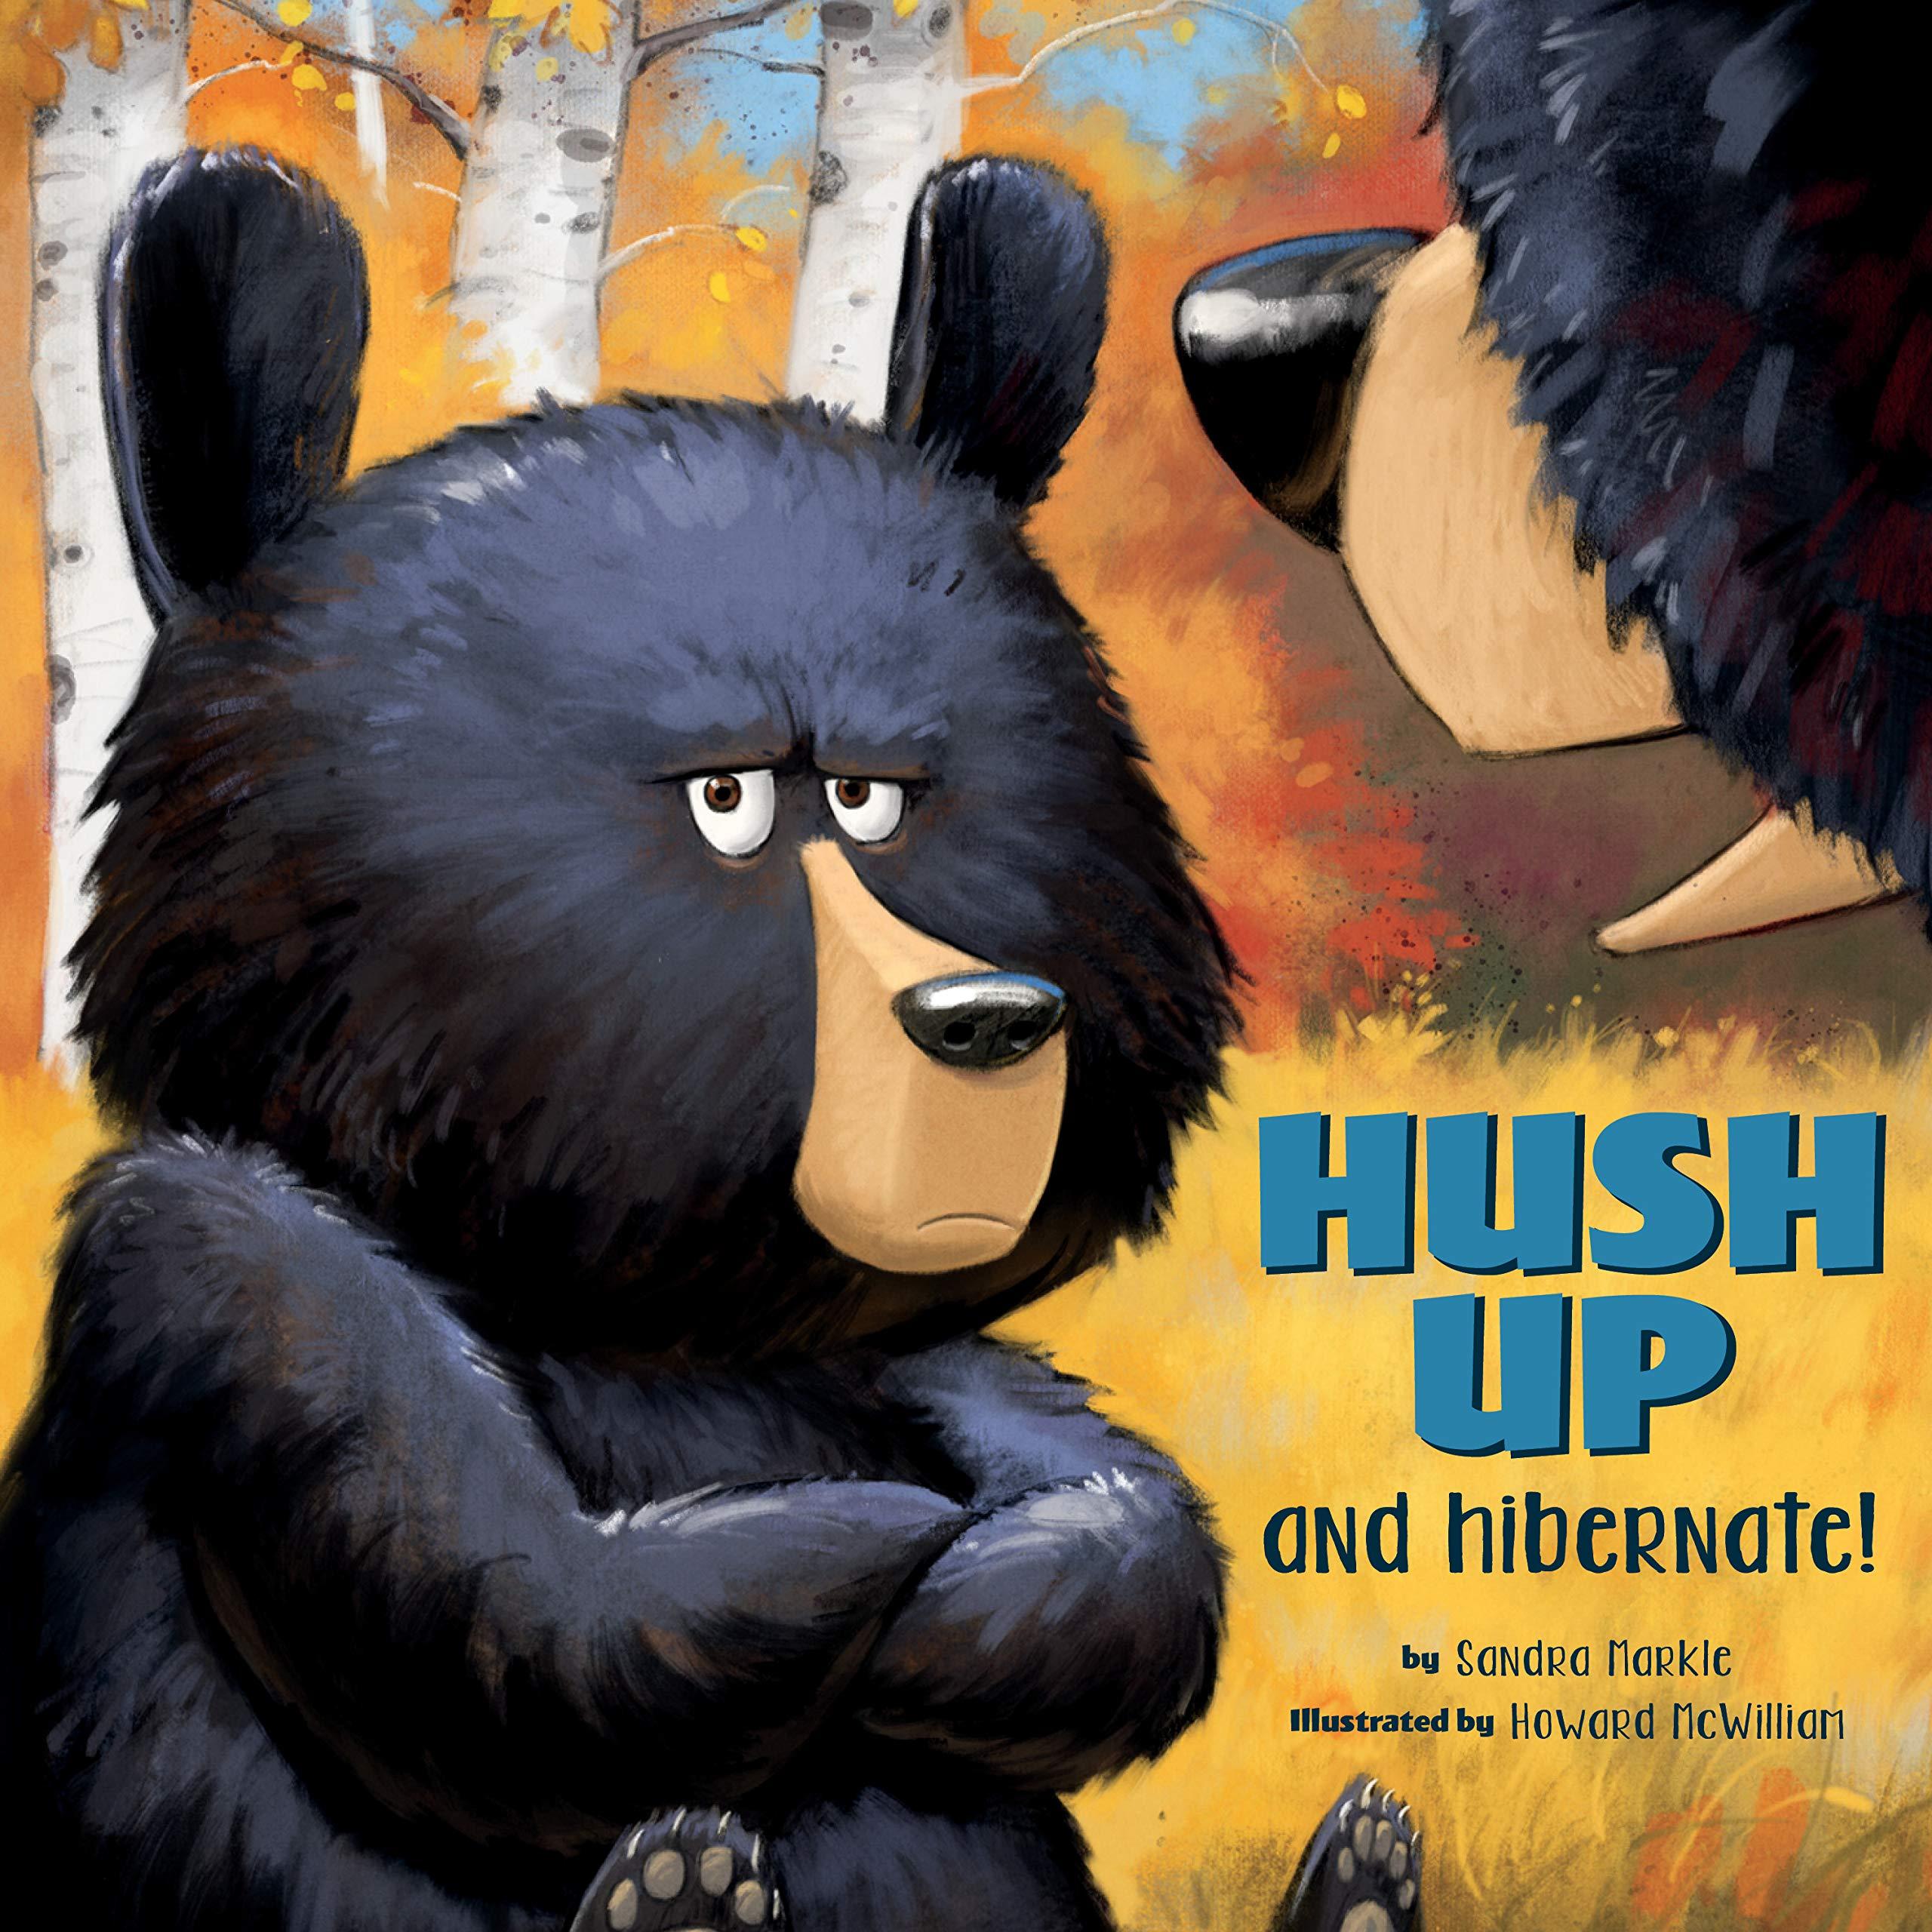 Hush Up and Hibernate!